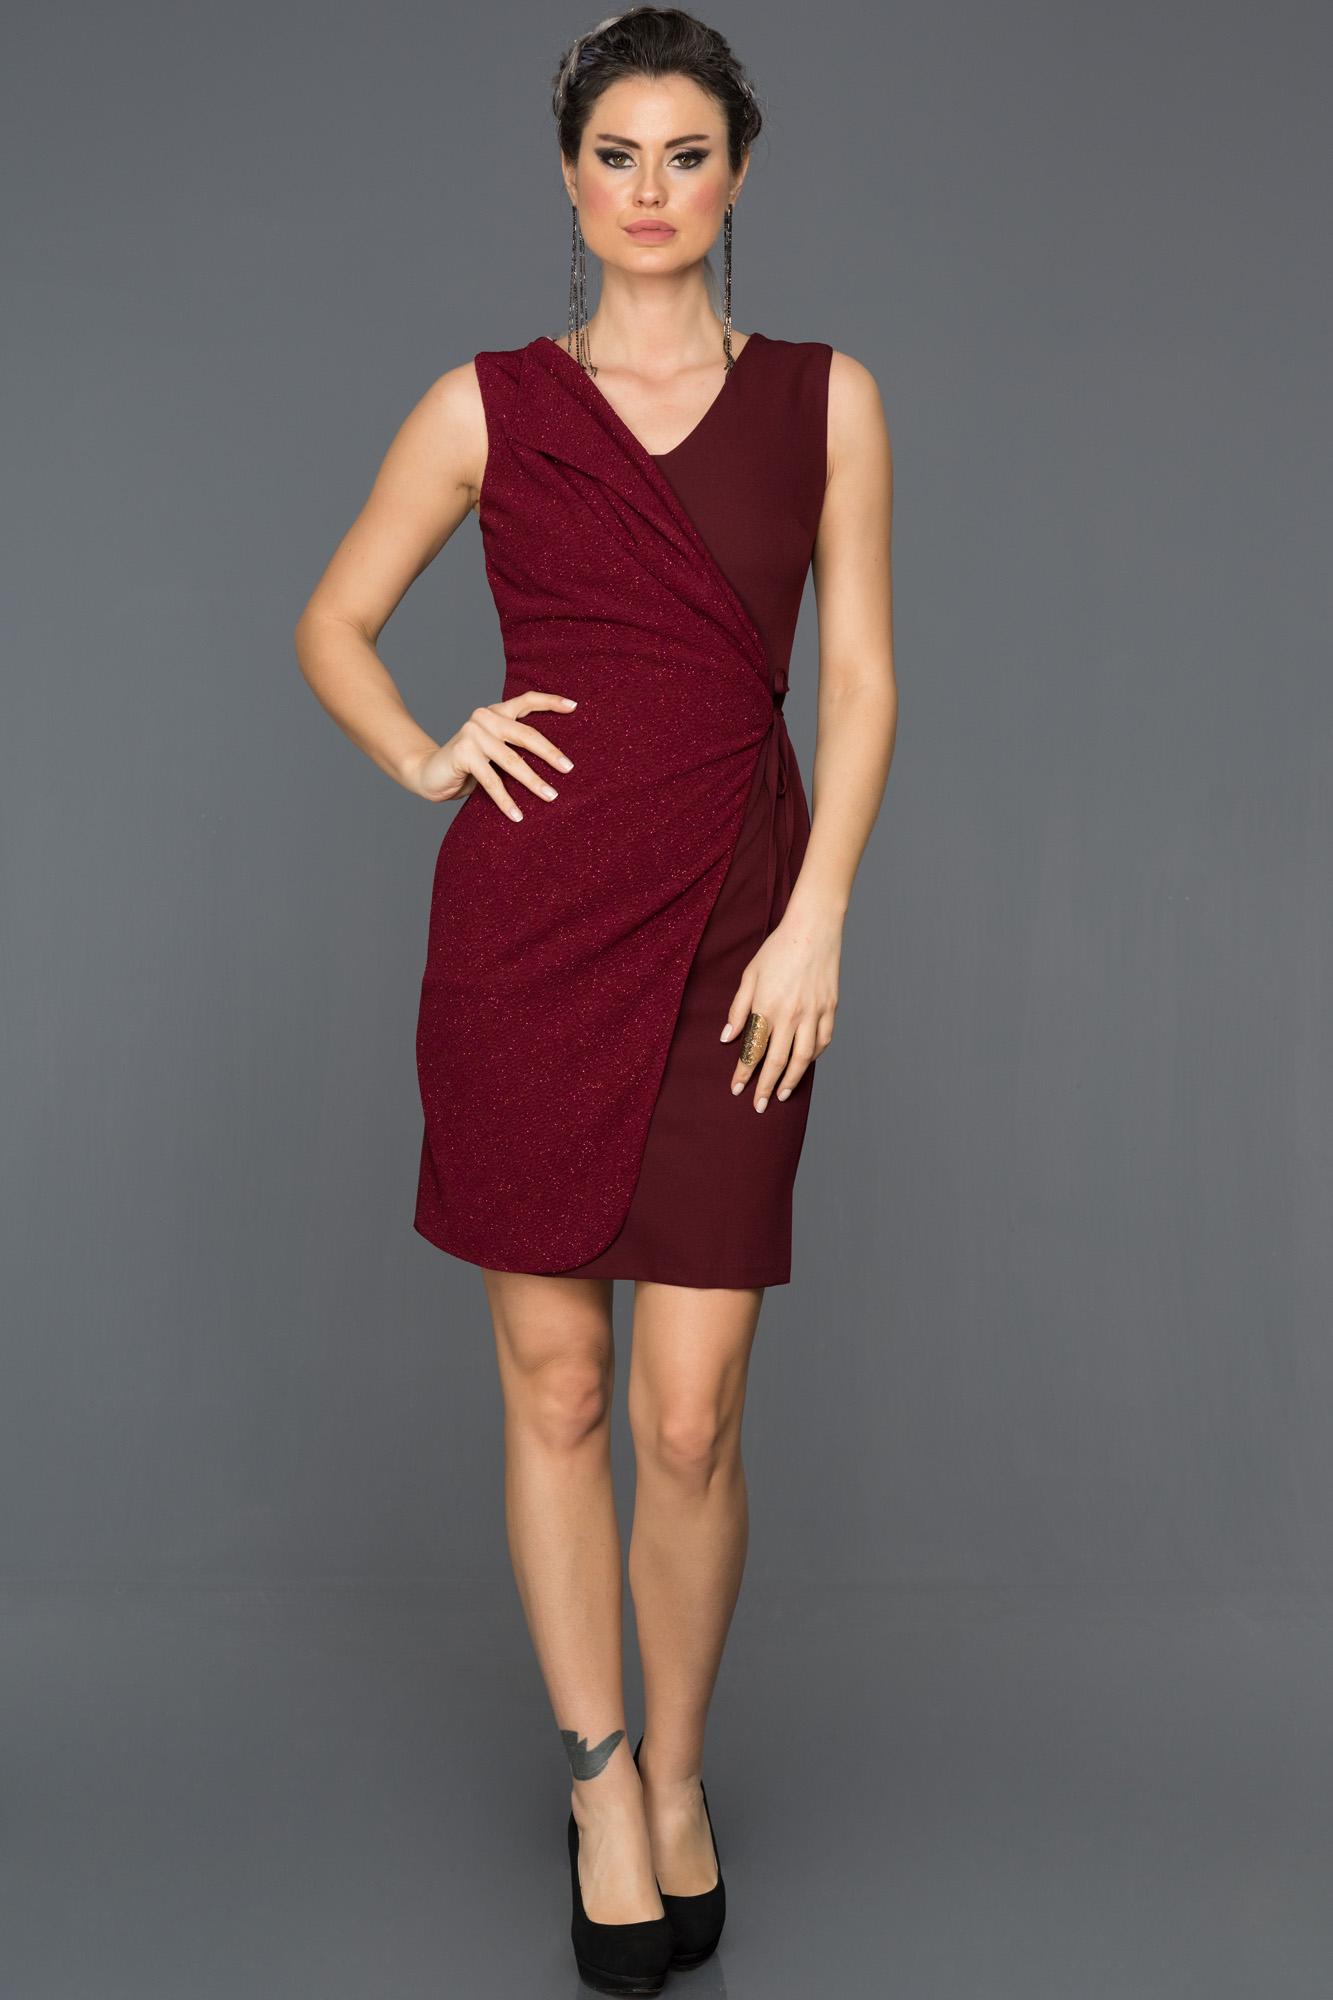 Bordo Yandan Bağlamalı Elbise